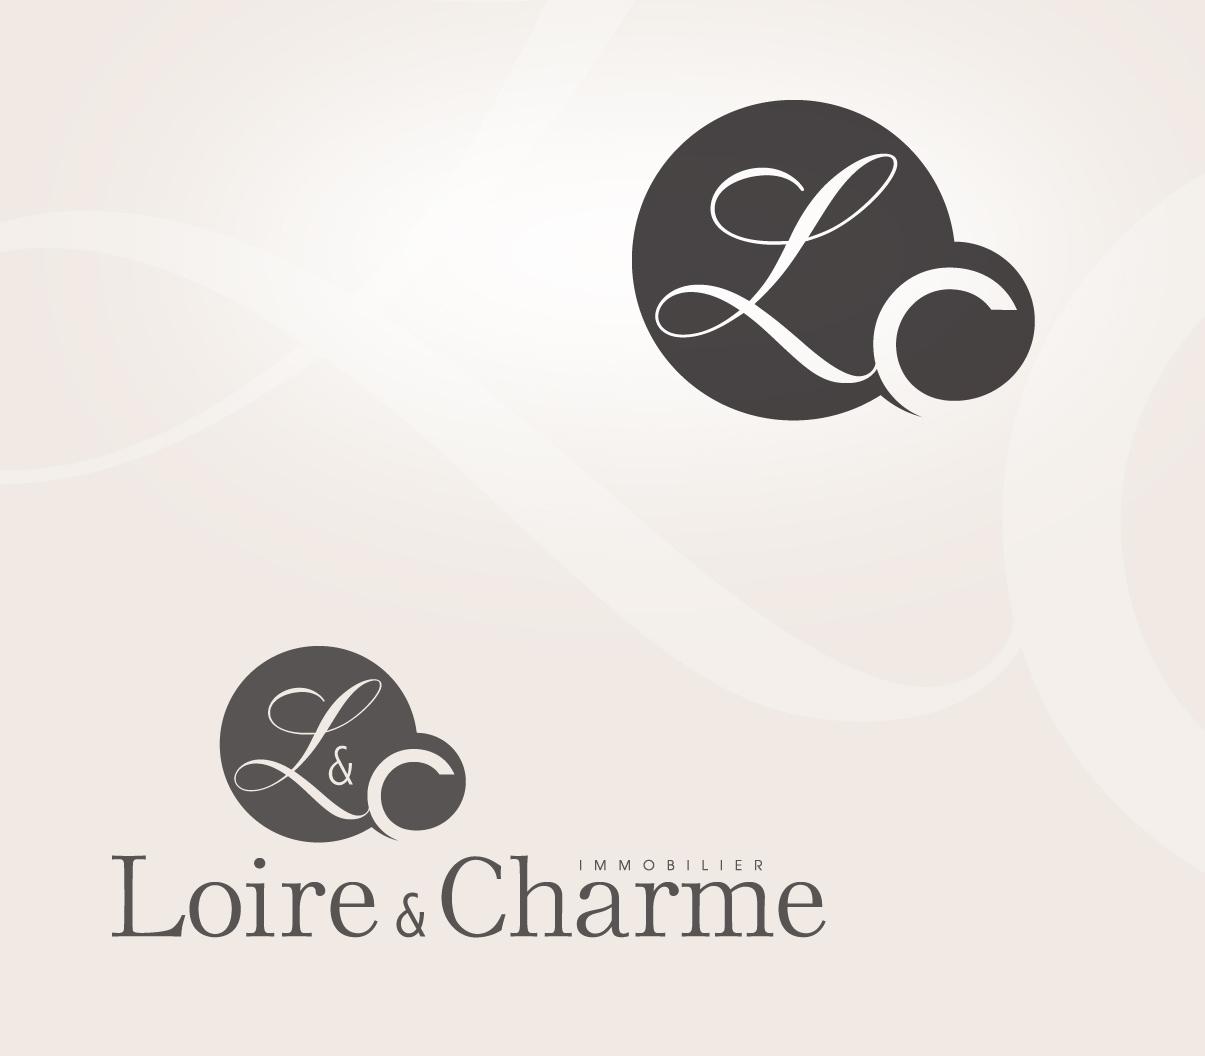 Loire & Charme Immobilier - Demeures de charme -Région Centre - Vallée de la Loire - © Olivier Varma